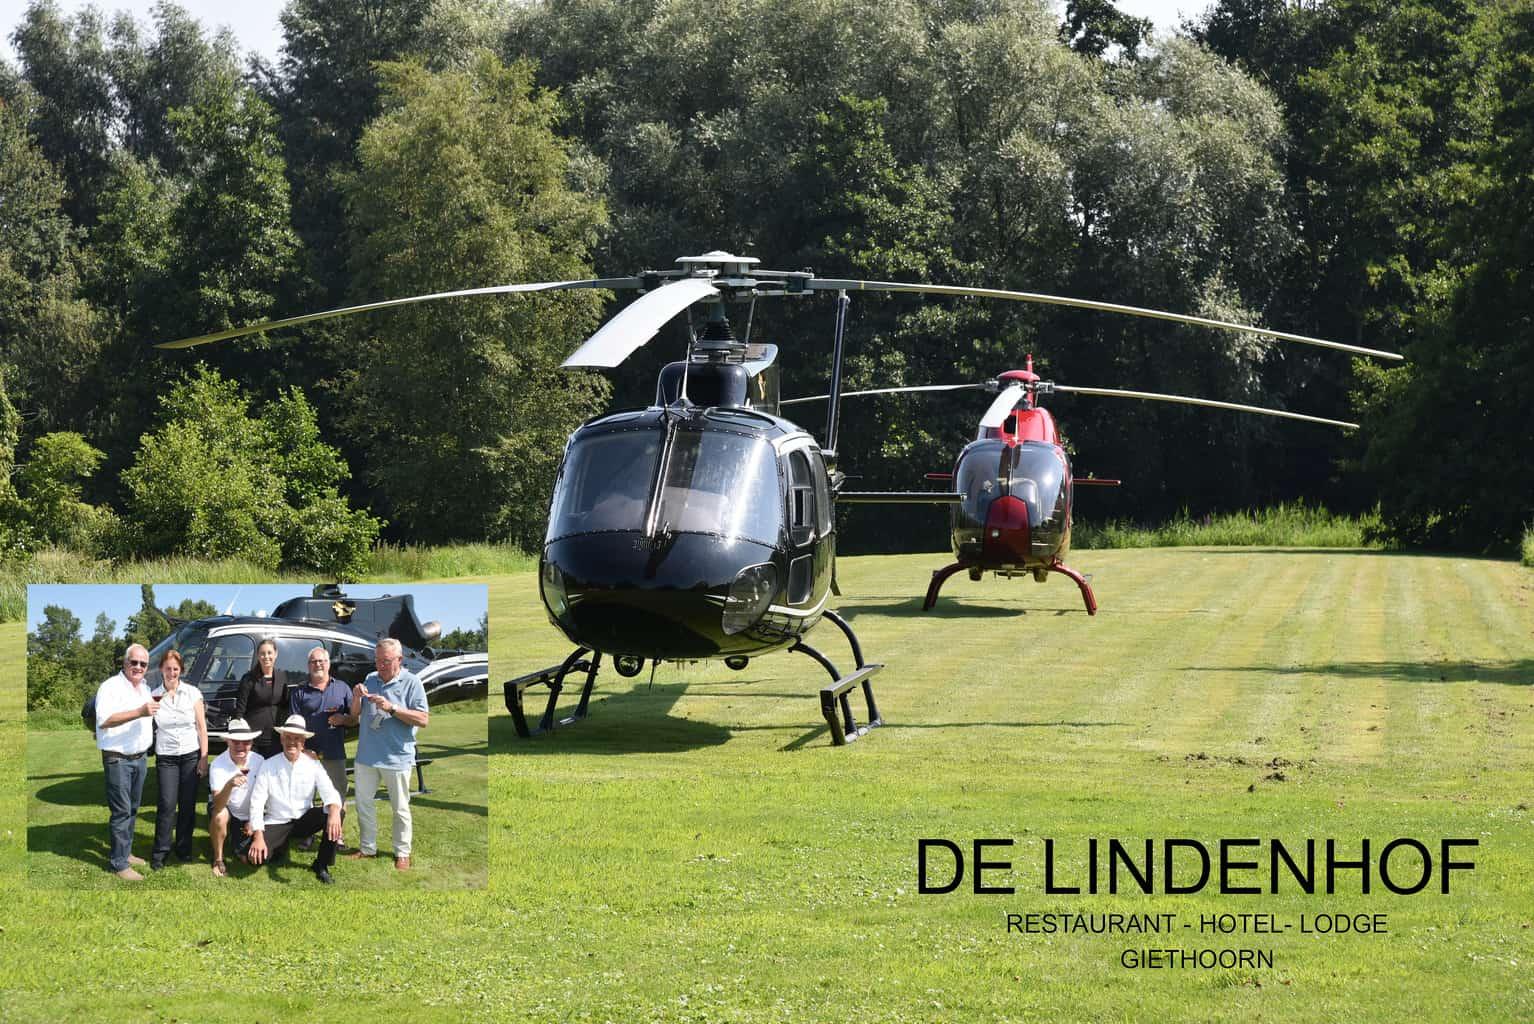 Naar restaurant De Lindenhof per helicopter